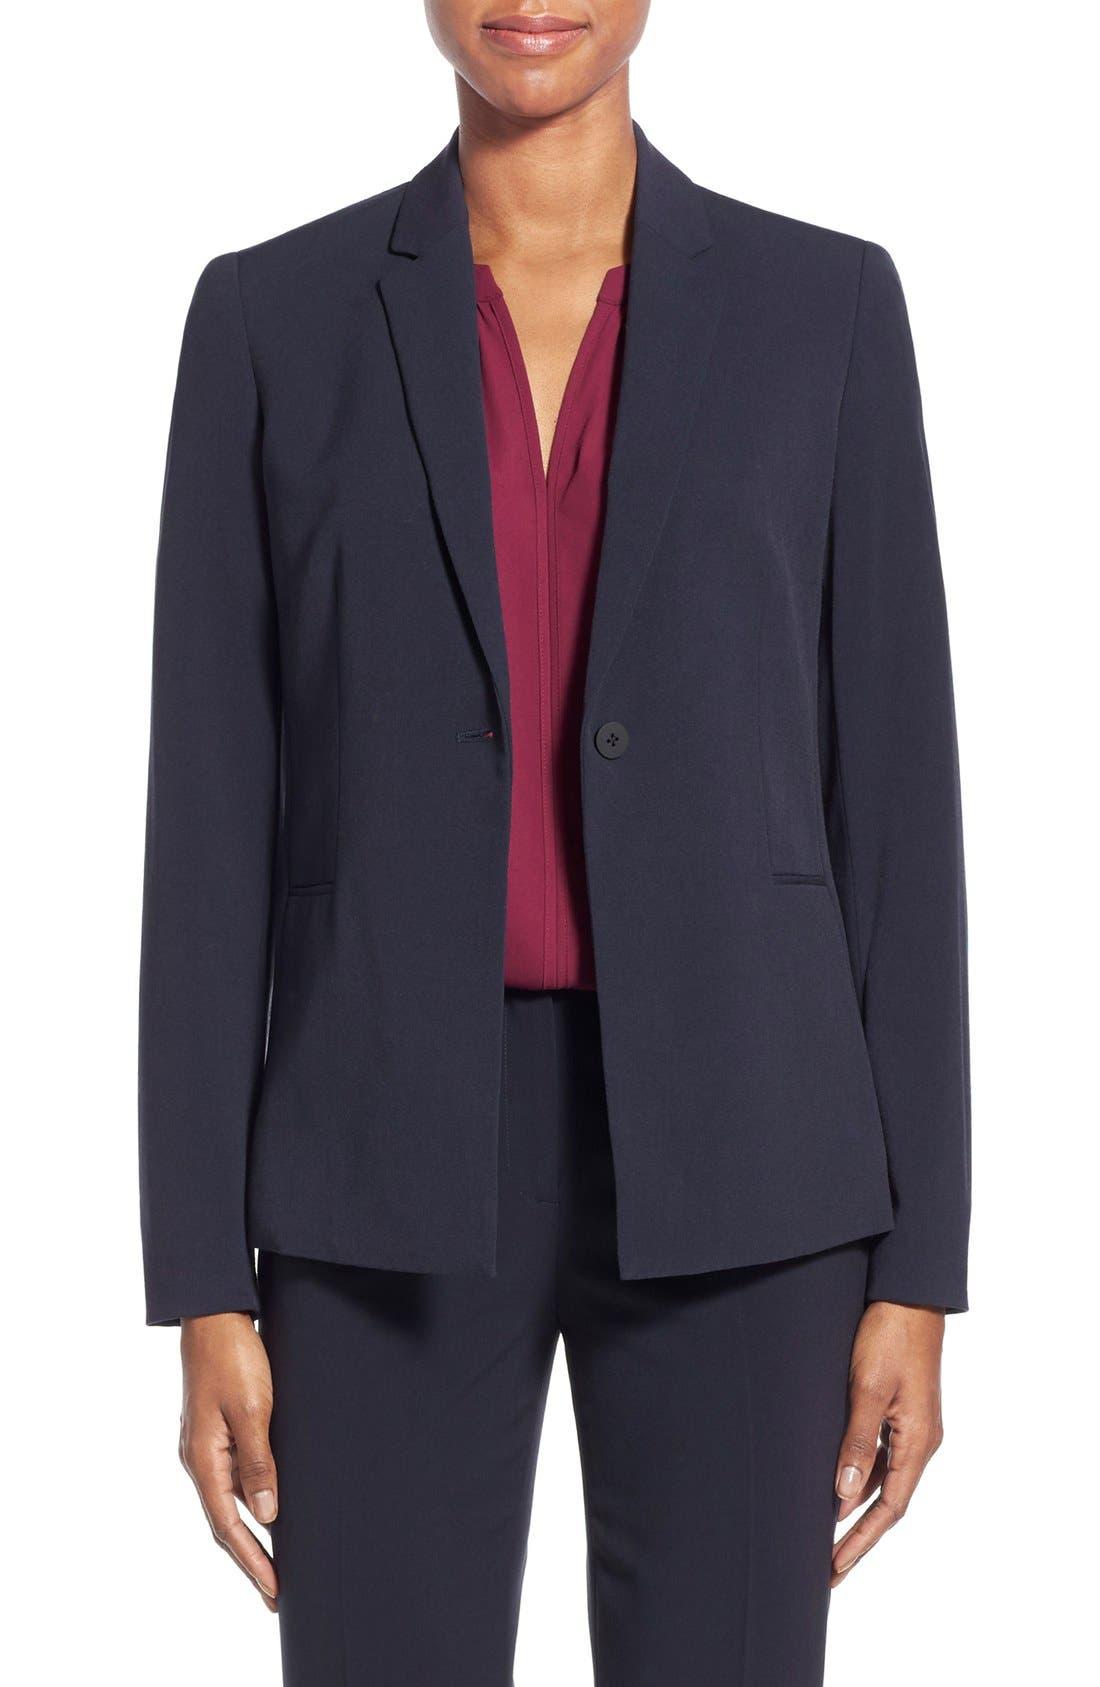 Jolie Stretch Woven Suit Jacket,                         Main,                         color, Navy